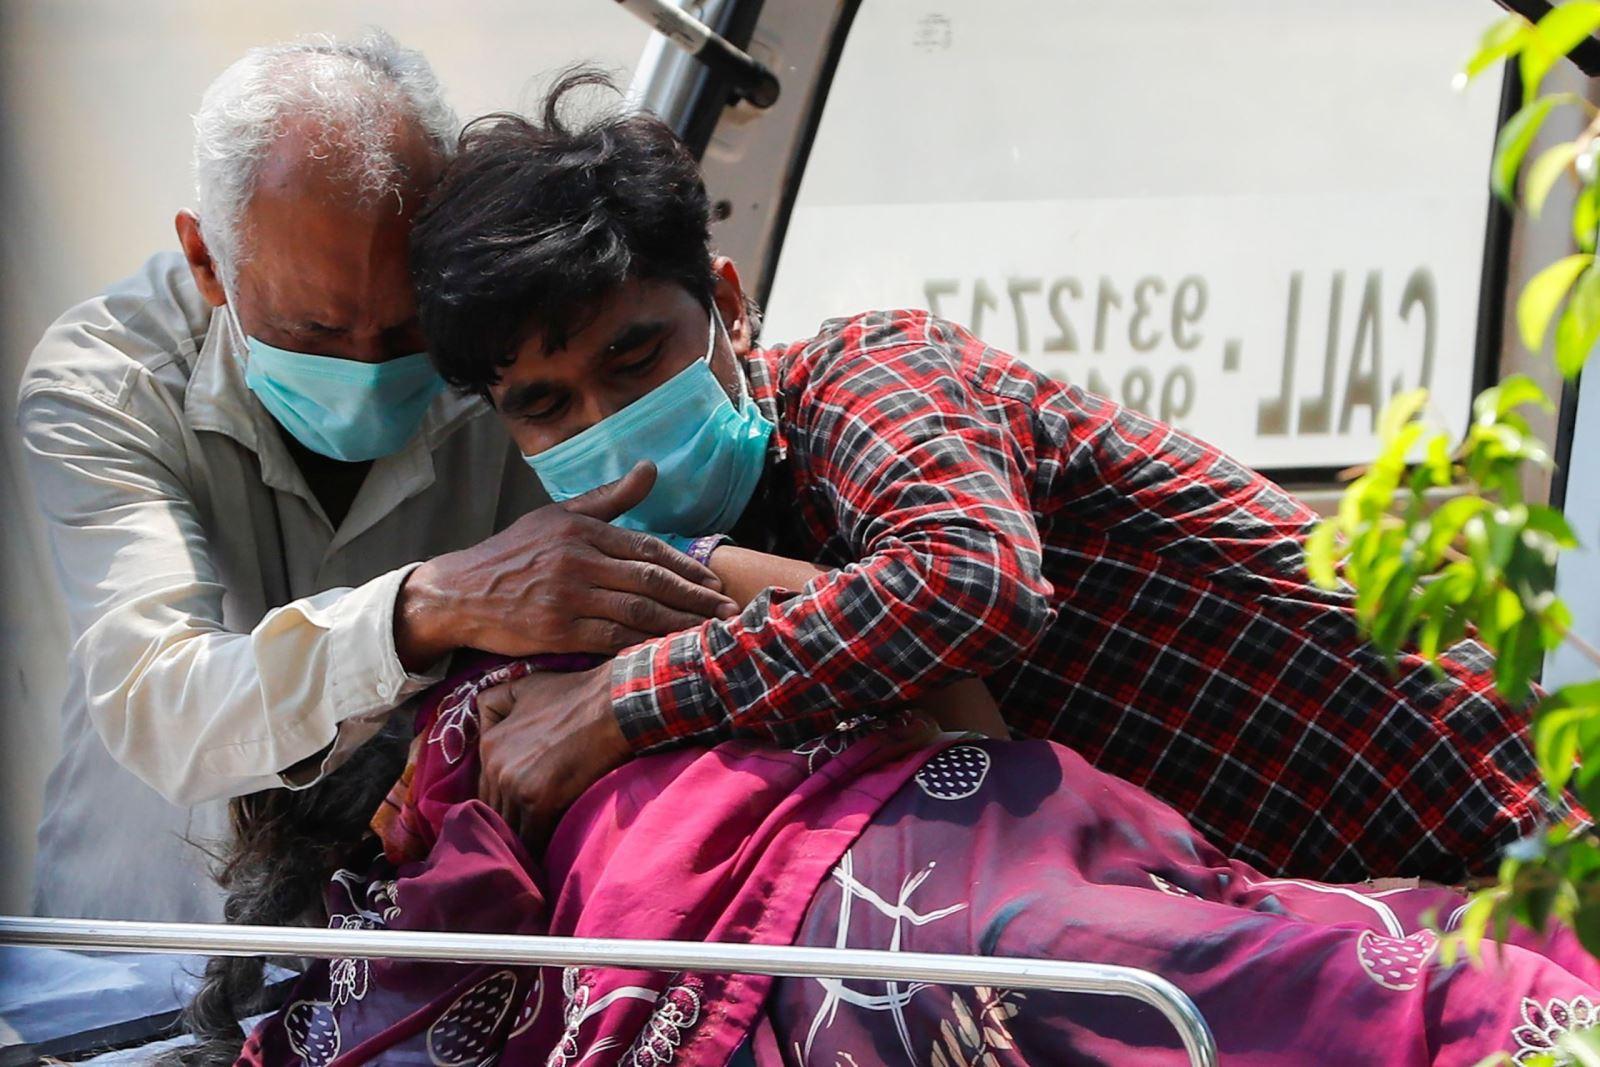 Hình ảnh: Tối 28/4 Việt Nam có thêm 8 ca nhiễm Covid - 19, Ấn Độ đã ghi nhận 3.293 ca tử vong trong 24h qua số 1